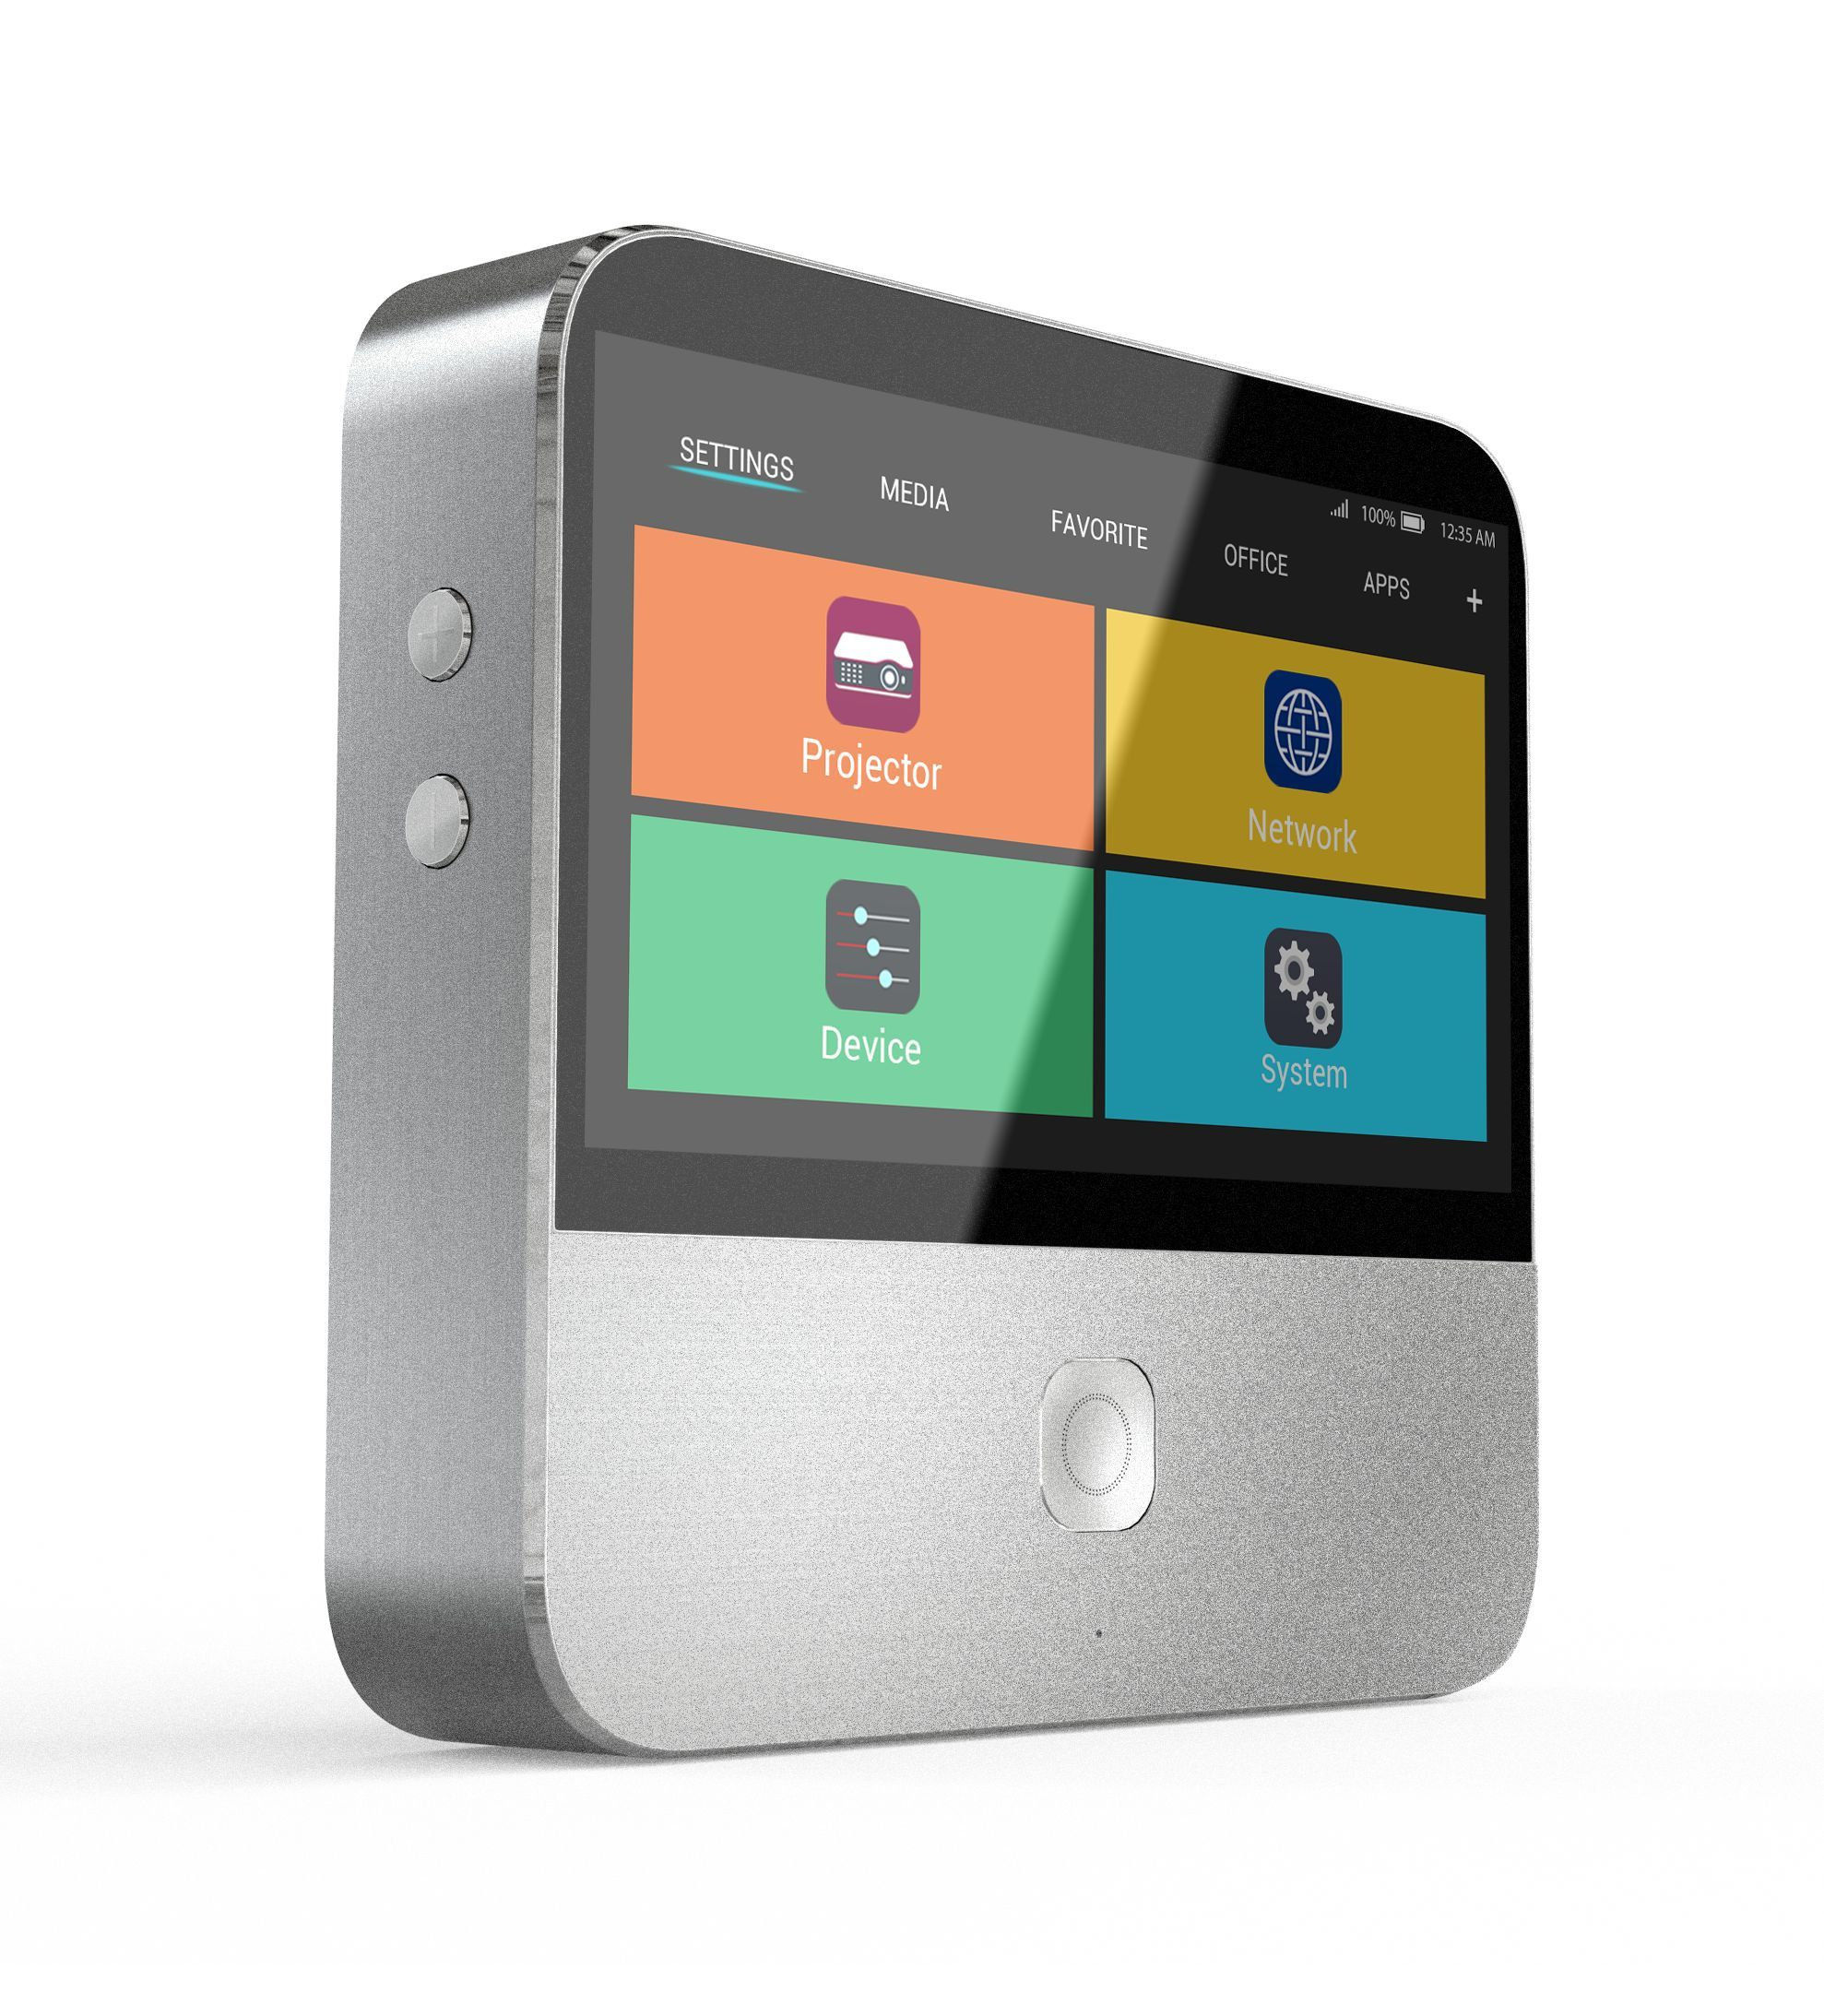 zte spro 2 firmware iPad Air